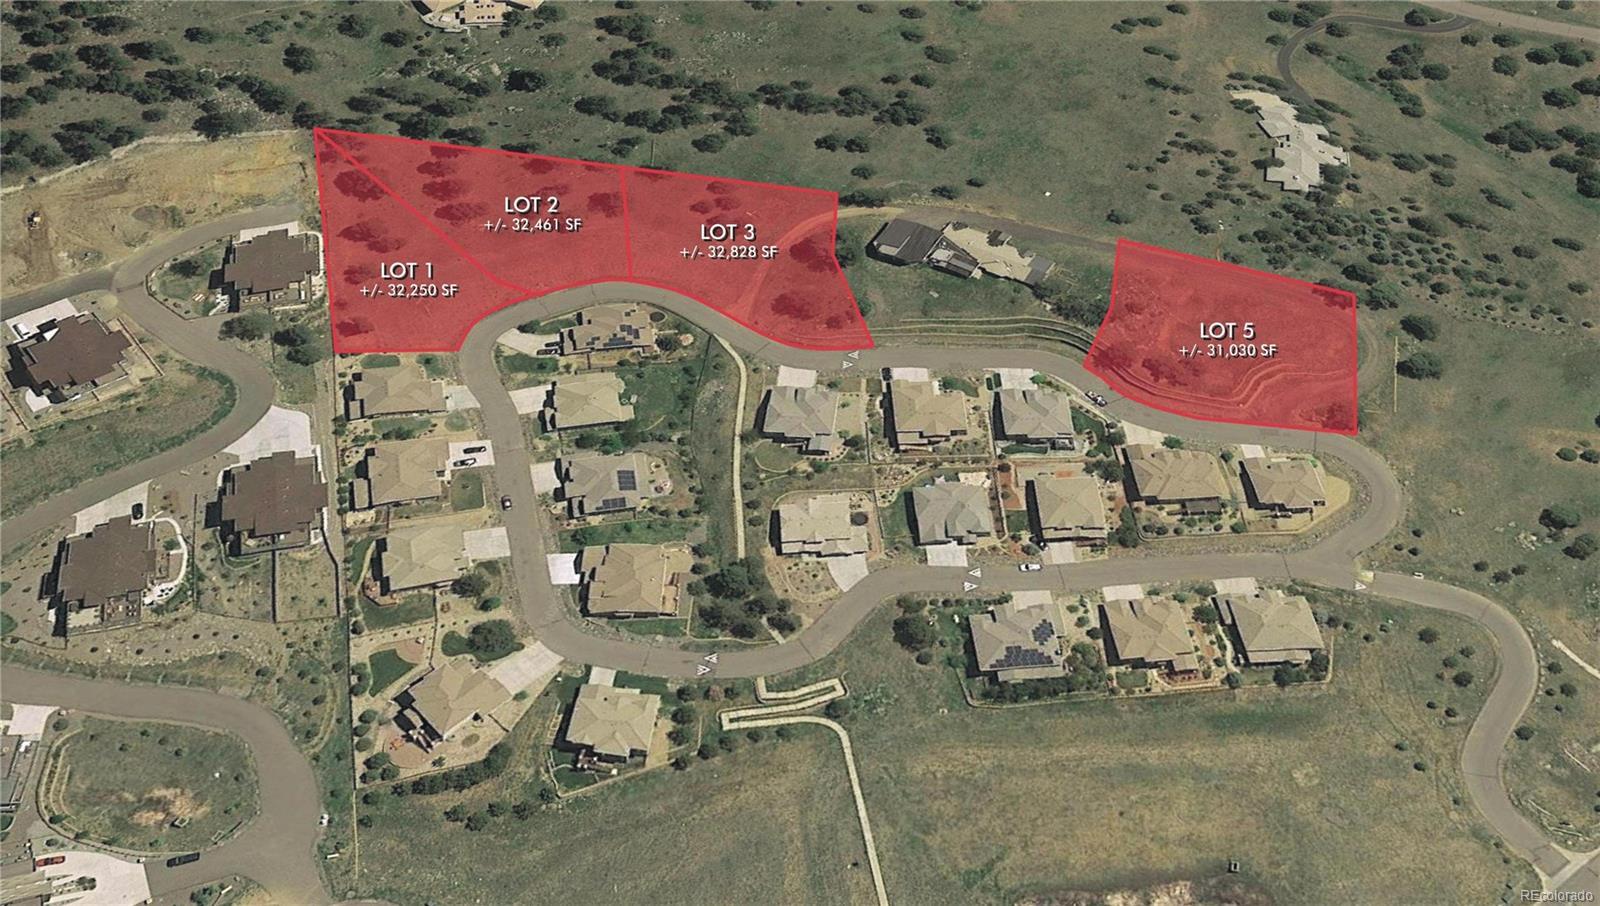 779 Deer Rest Road, Golden, CO 80439 - Golden, CO real estate listing